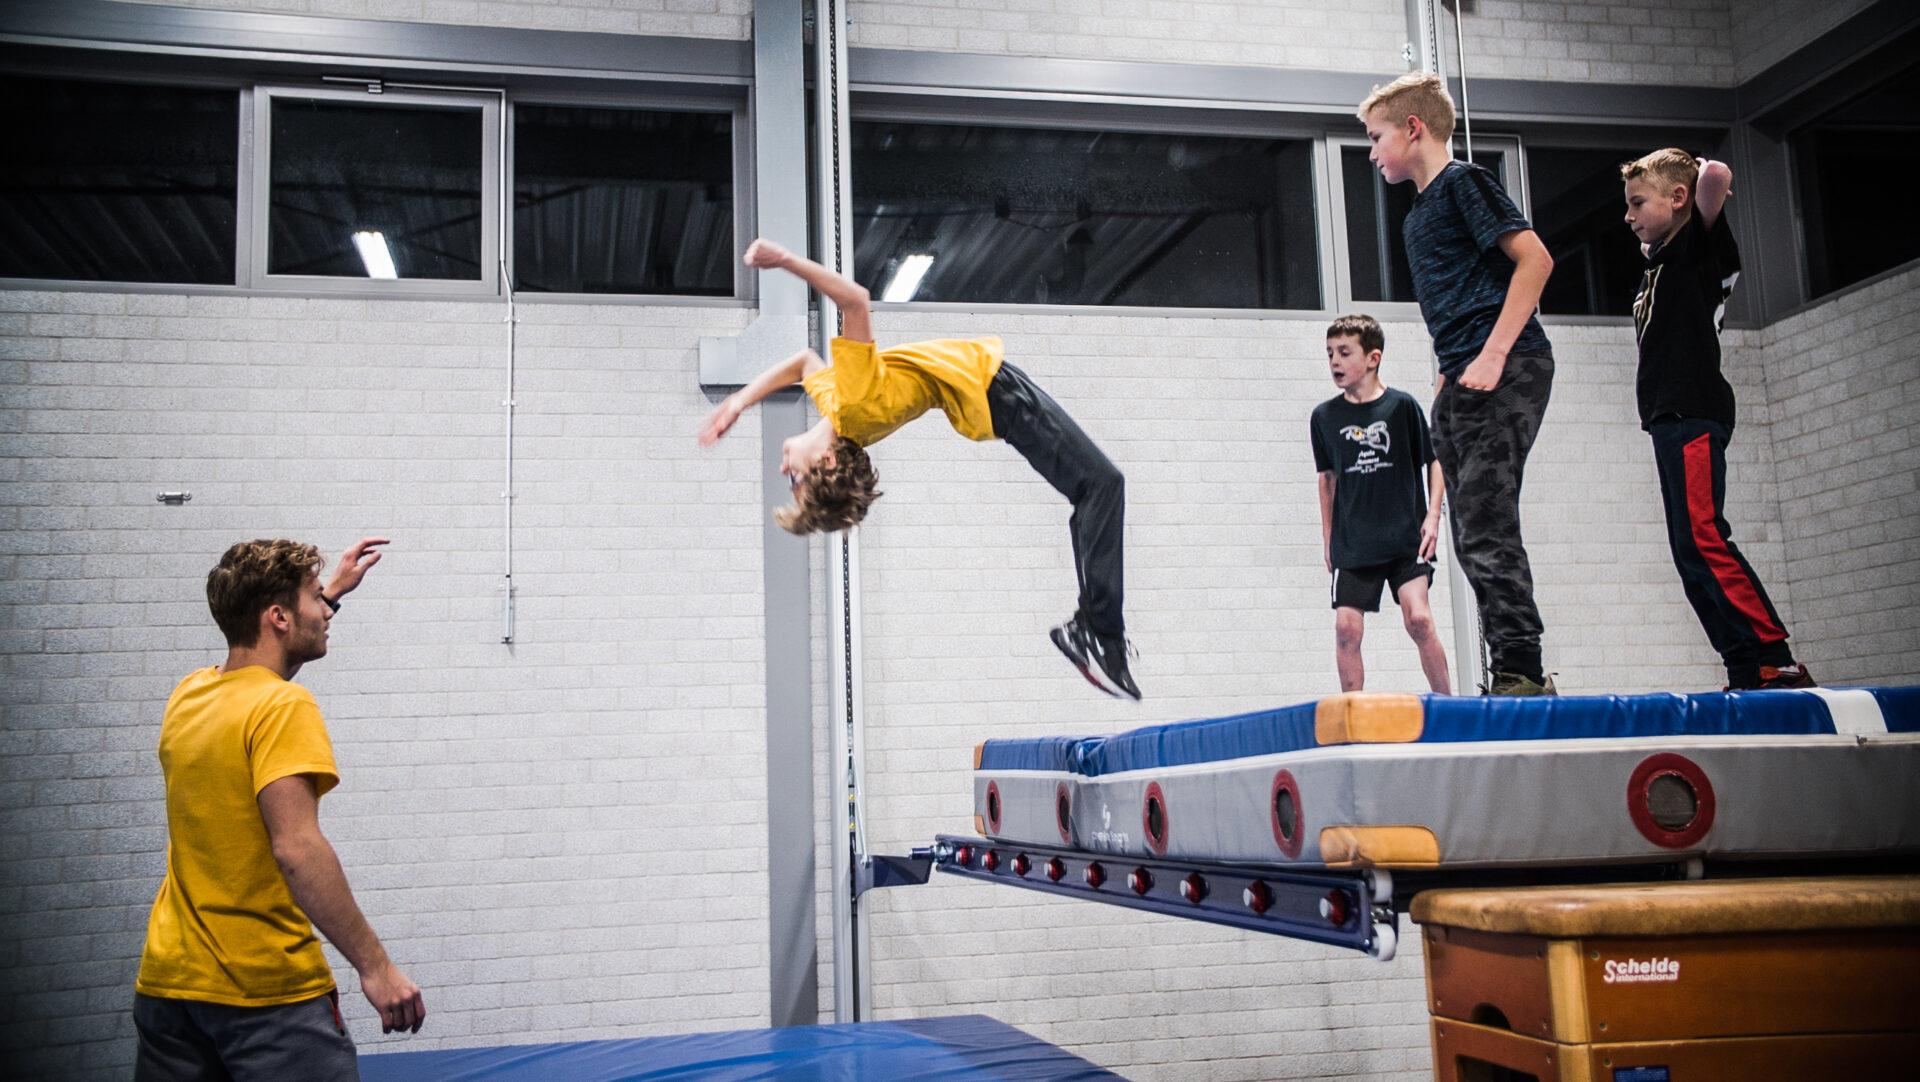 Trainer helpt met een backflip bij Freerun lessen